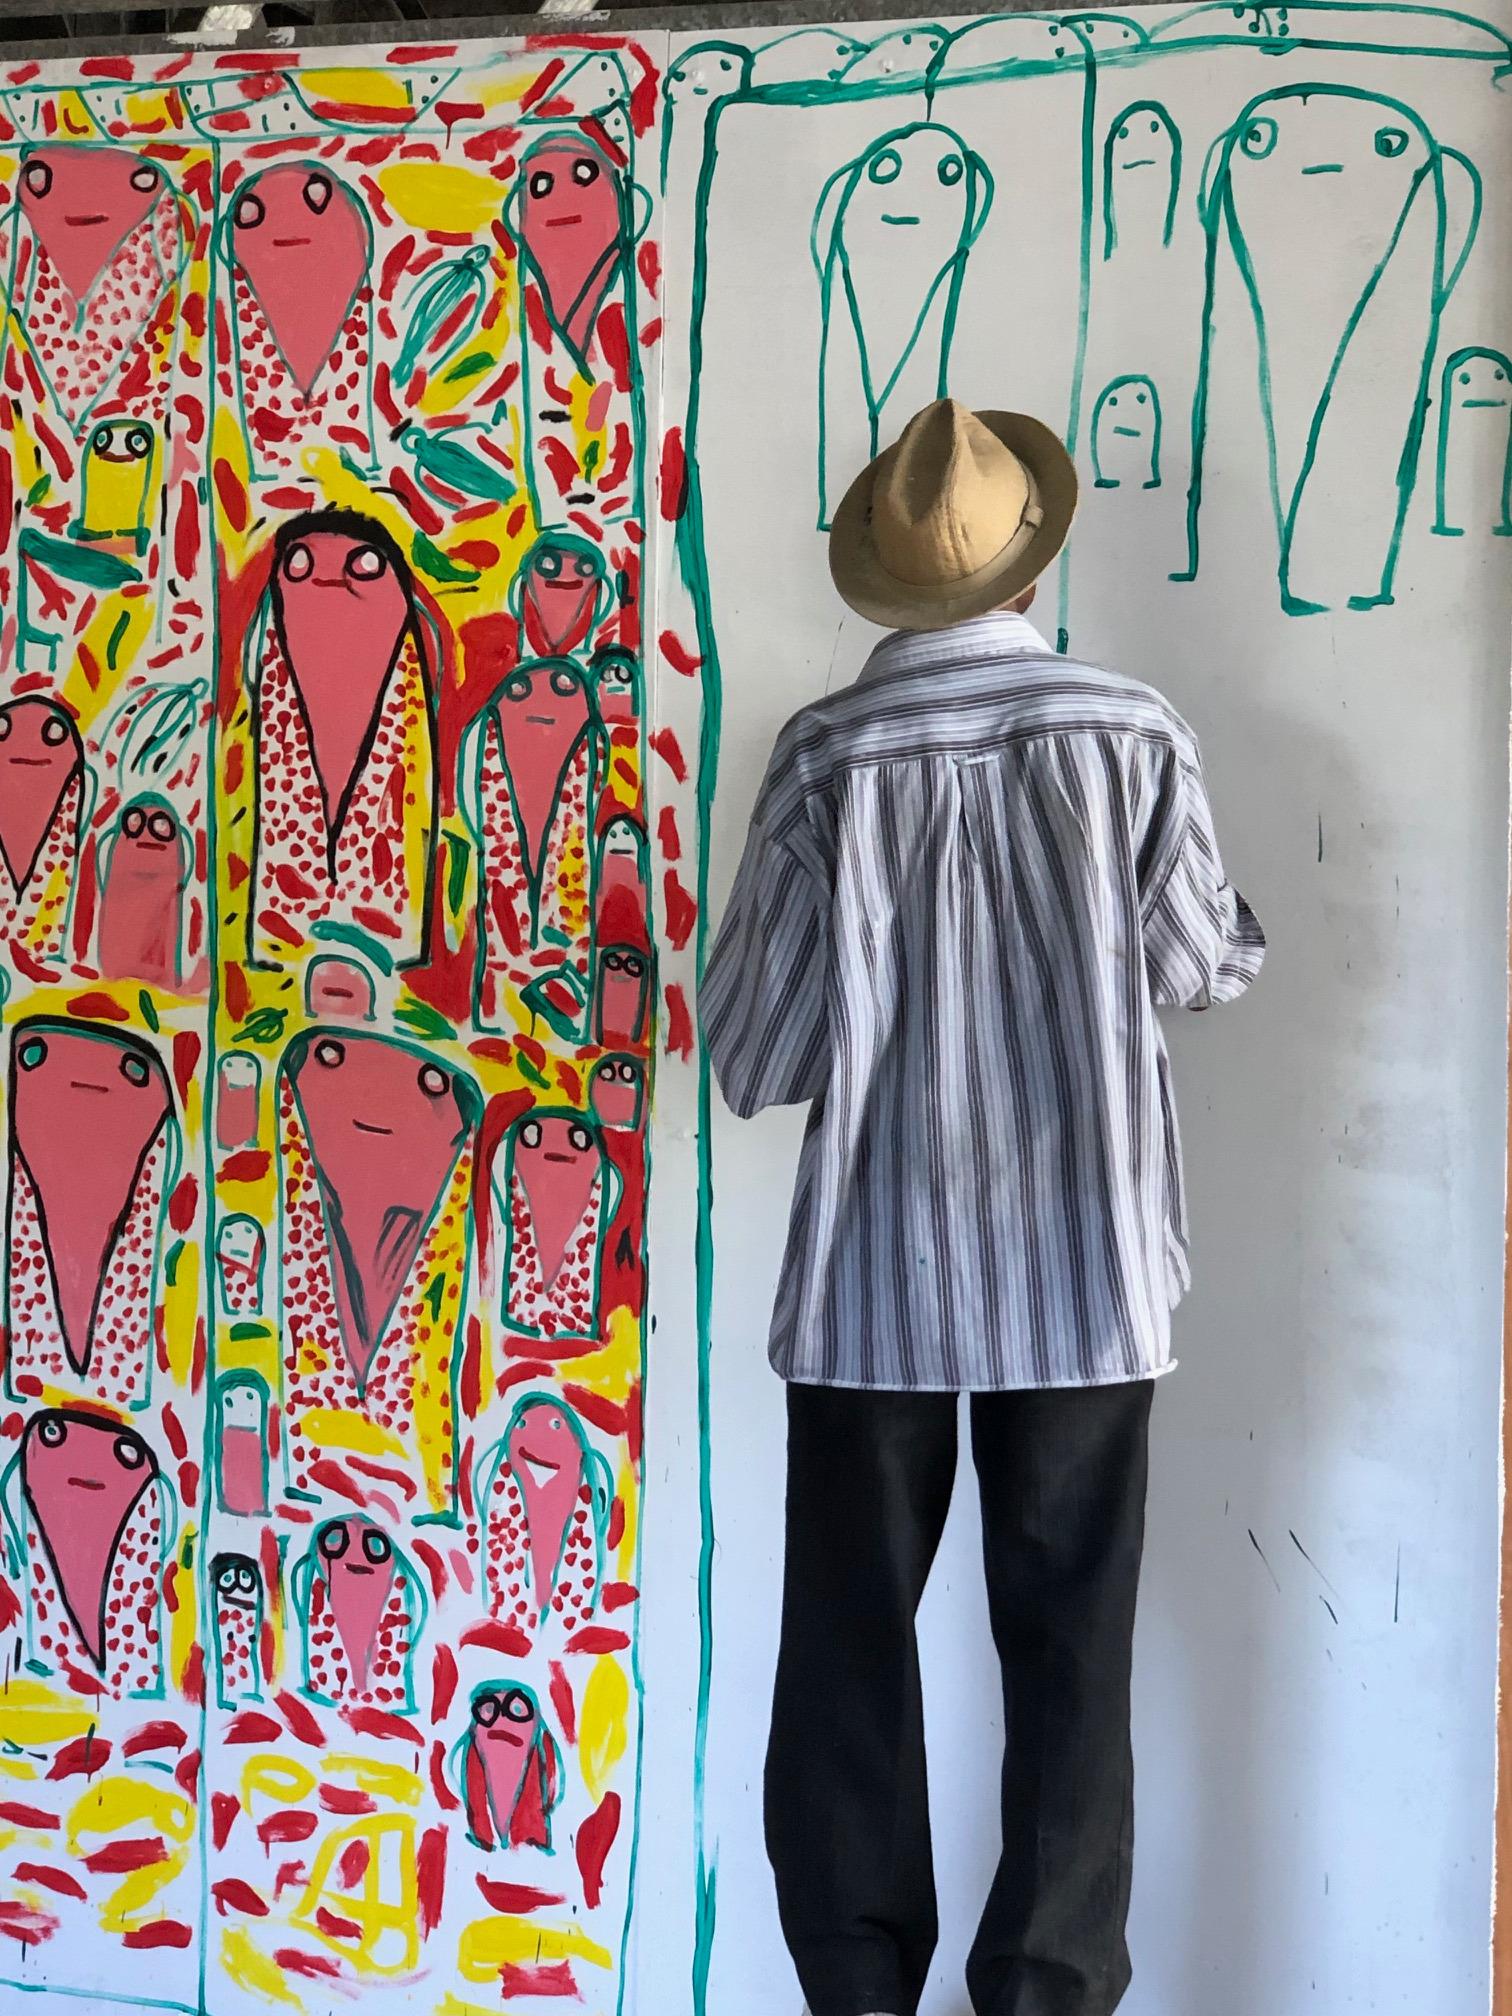 Ściany w szkole malowane przez artystów.